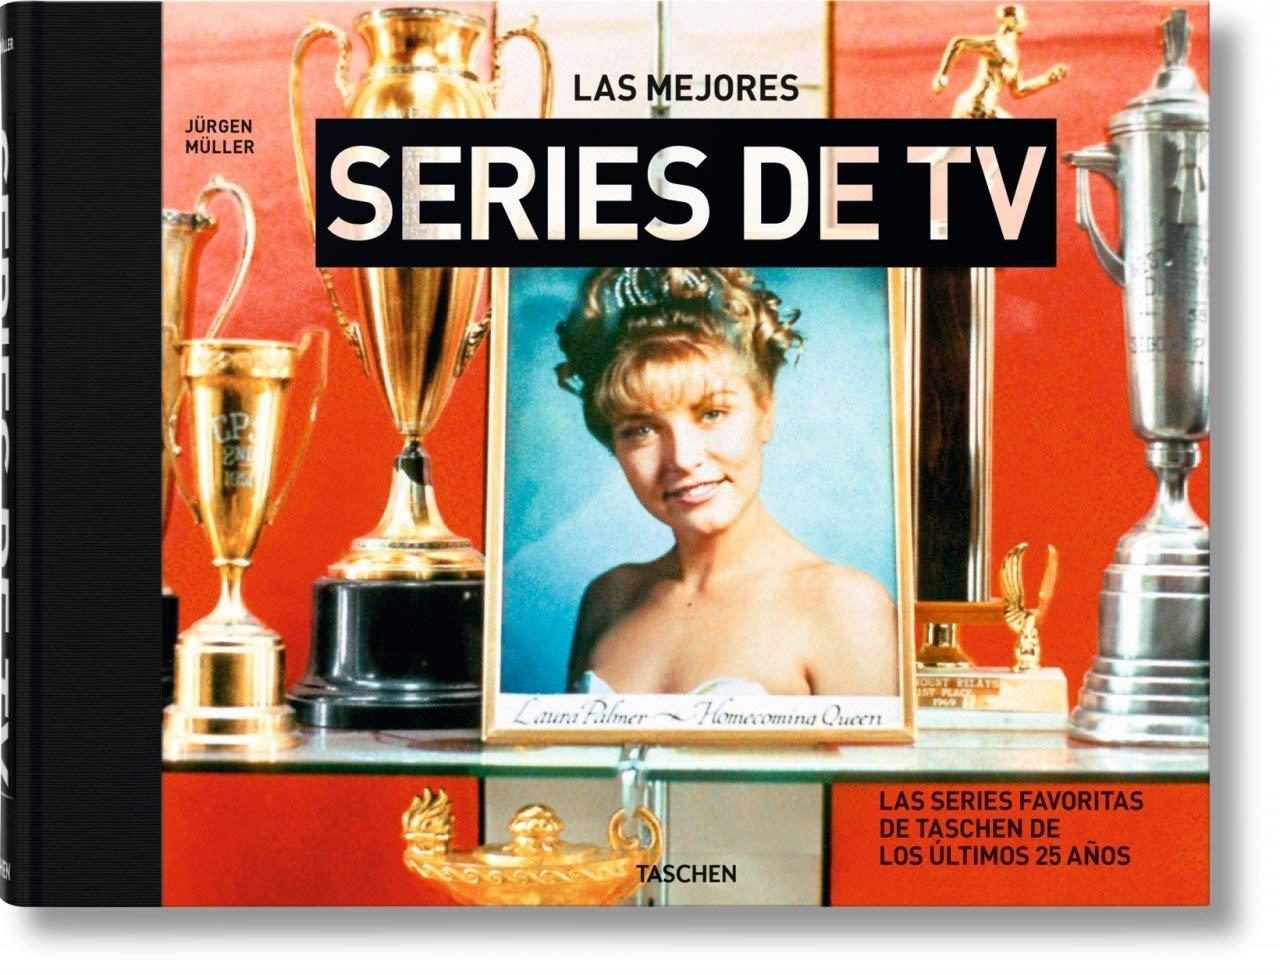 Las Mejores Series De Tv. Las Series Favoritas De Taschen De Los Últimos 25 Años por Jürgen Müller